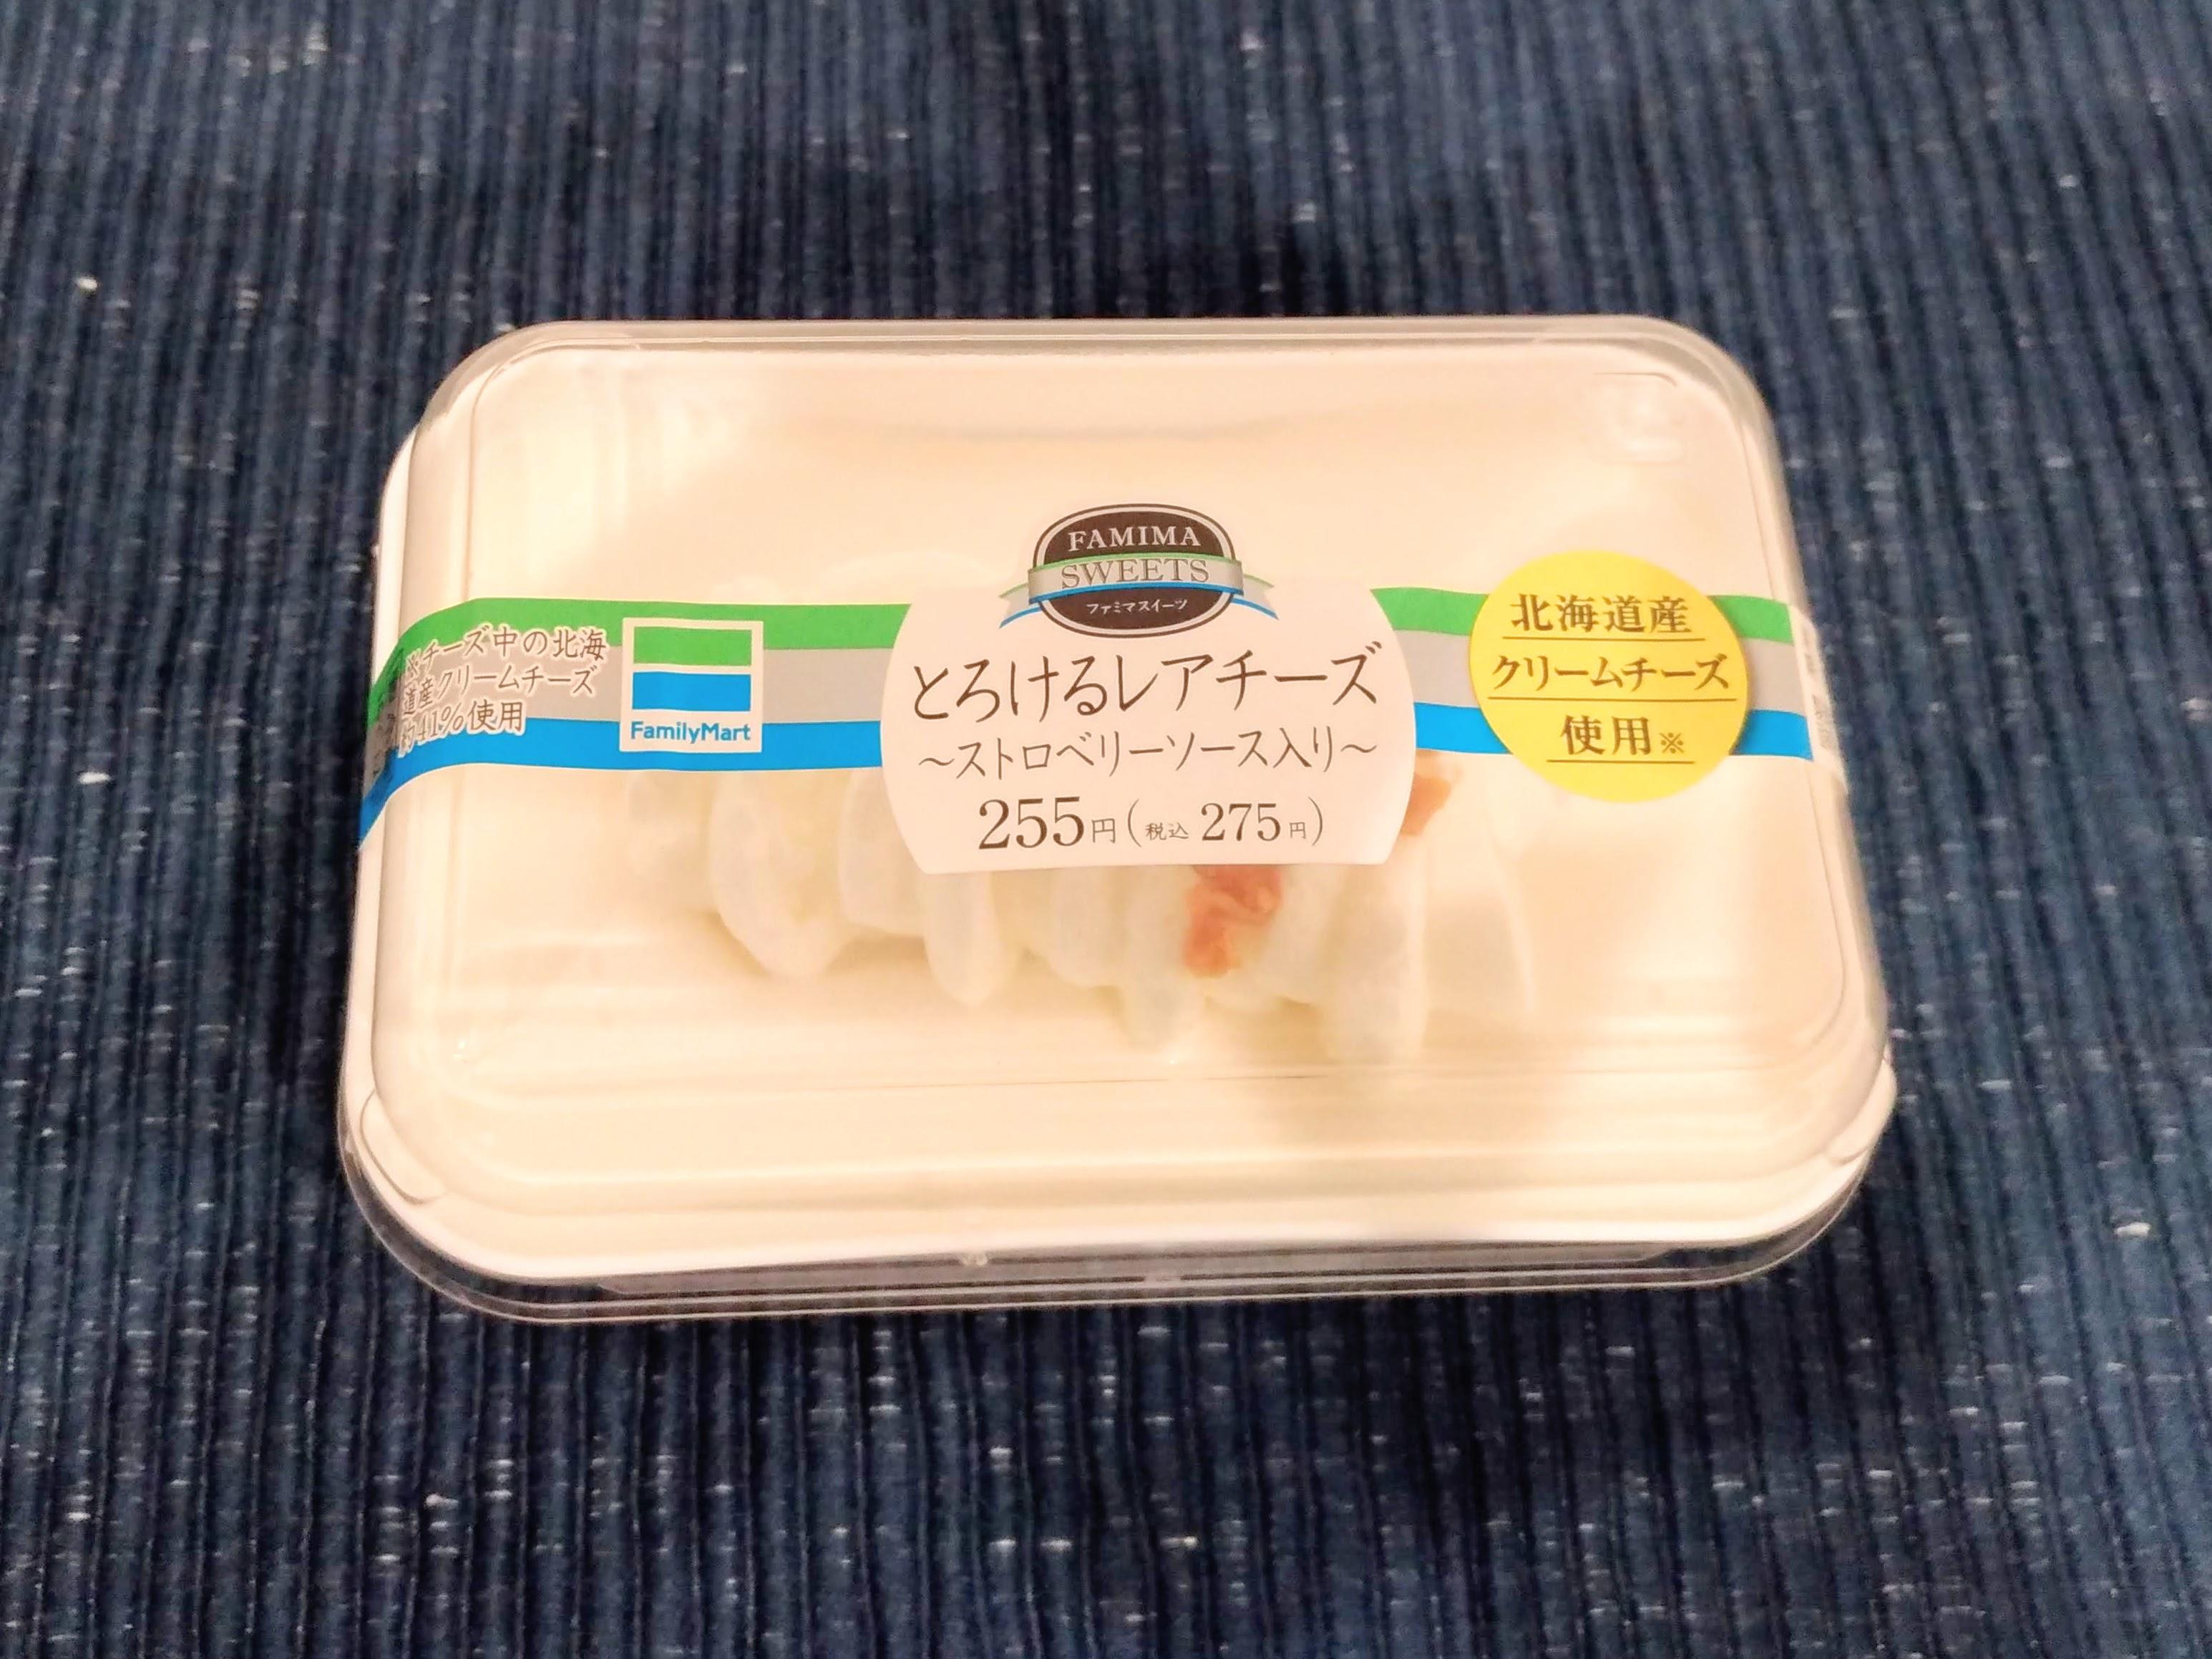 ファミリーマート ロピア とろけるレアチーズケーキ (2)